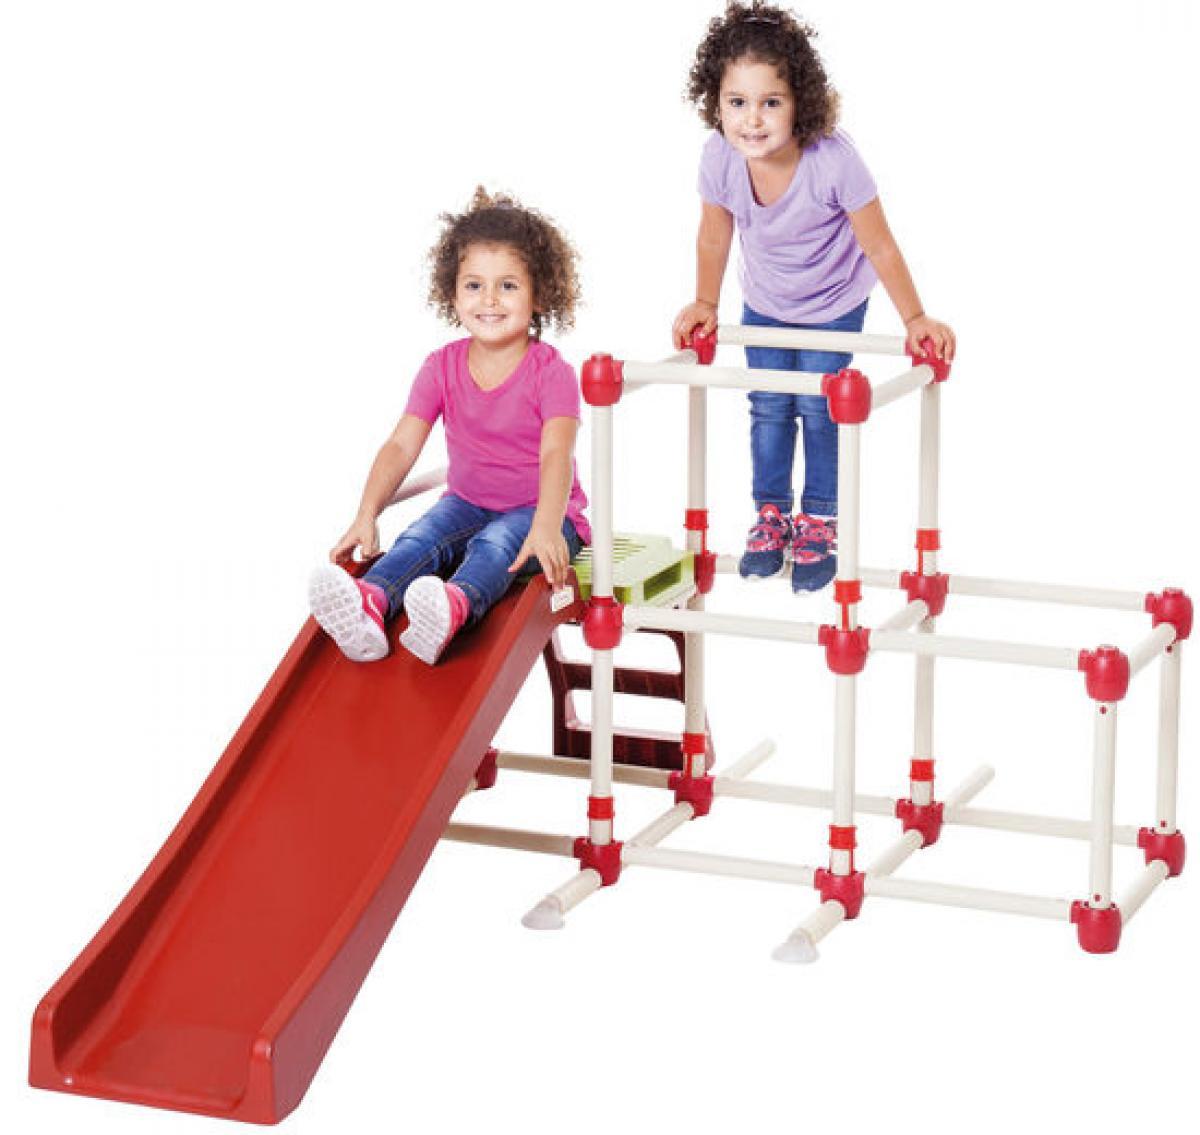 preissturz kletterger st spielturm mit rutsche climb slide lil monkey gutes g nstiger. Black Bedroom Furniture Sets. Home Design Ideas